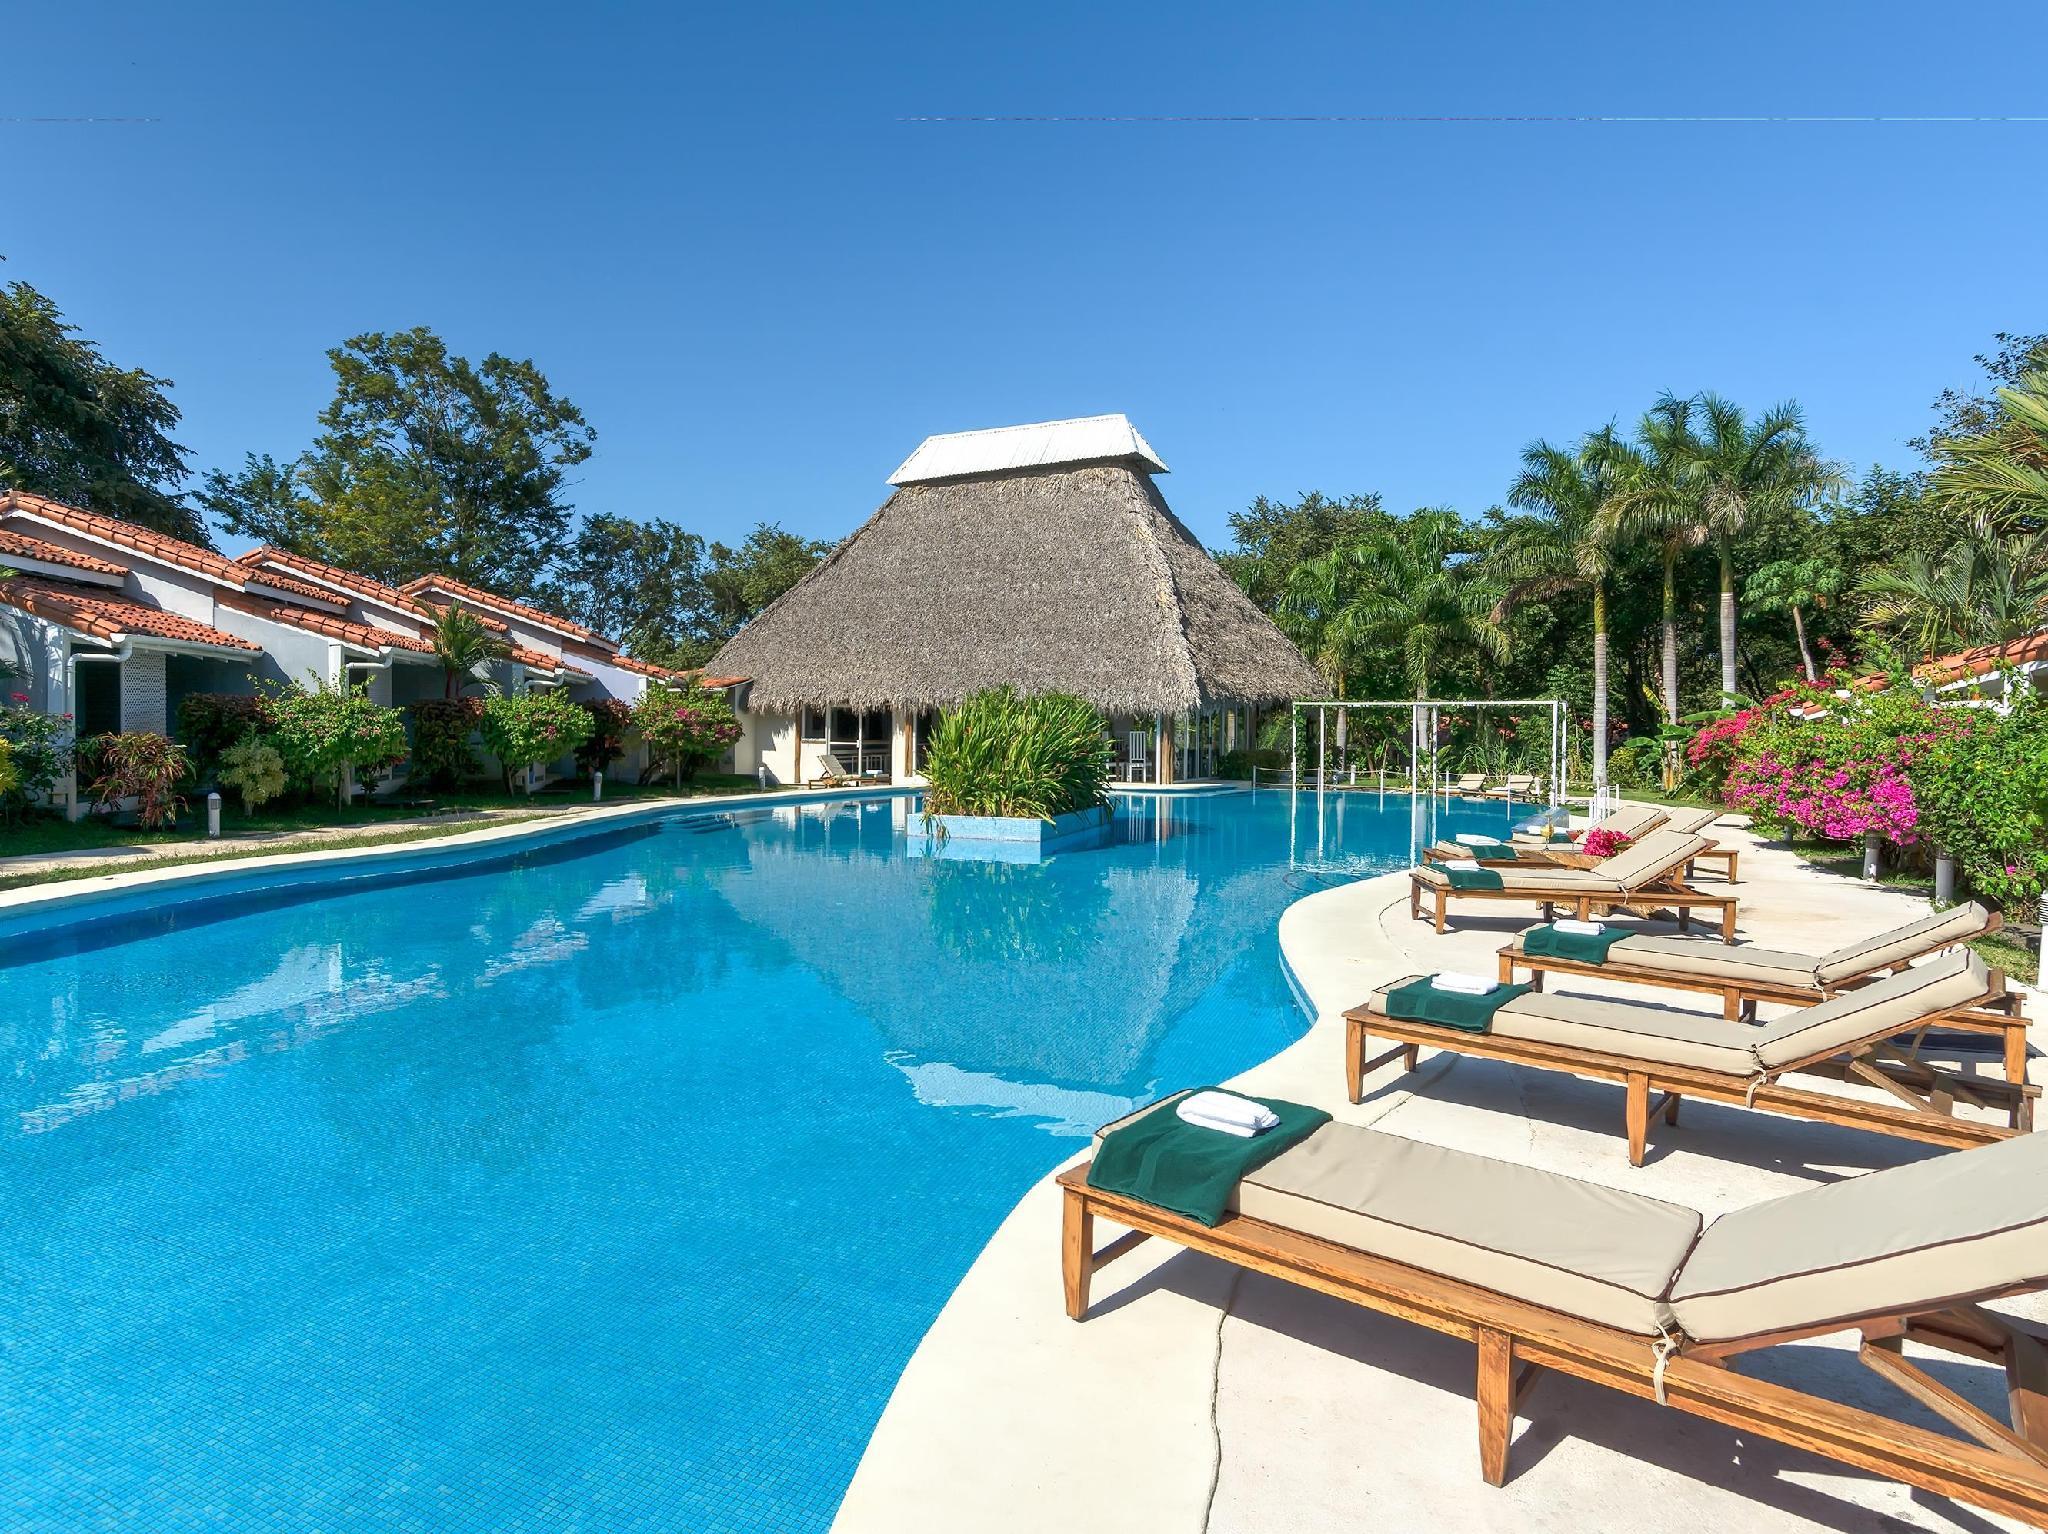 seis playas hotel - Hotell och Boende i Costa Rica i Centralamerika och Karibien